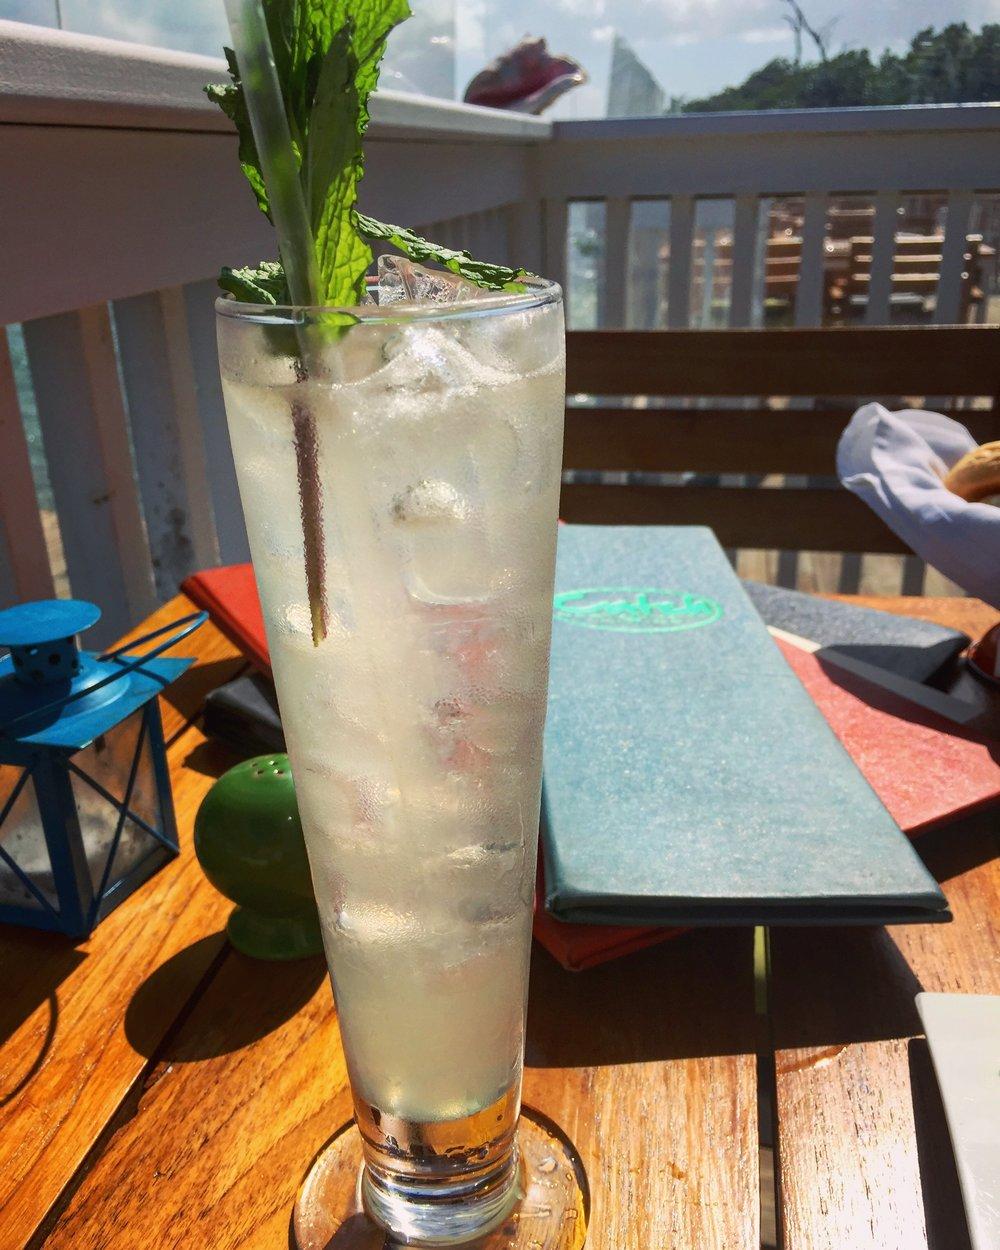 The Elderflower Collins: vodka, lemon juice, simple syrup, elderflower, soda